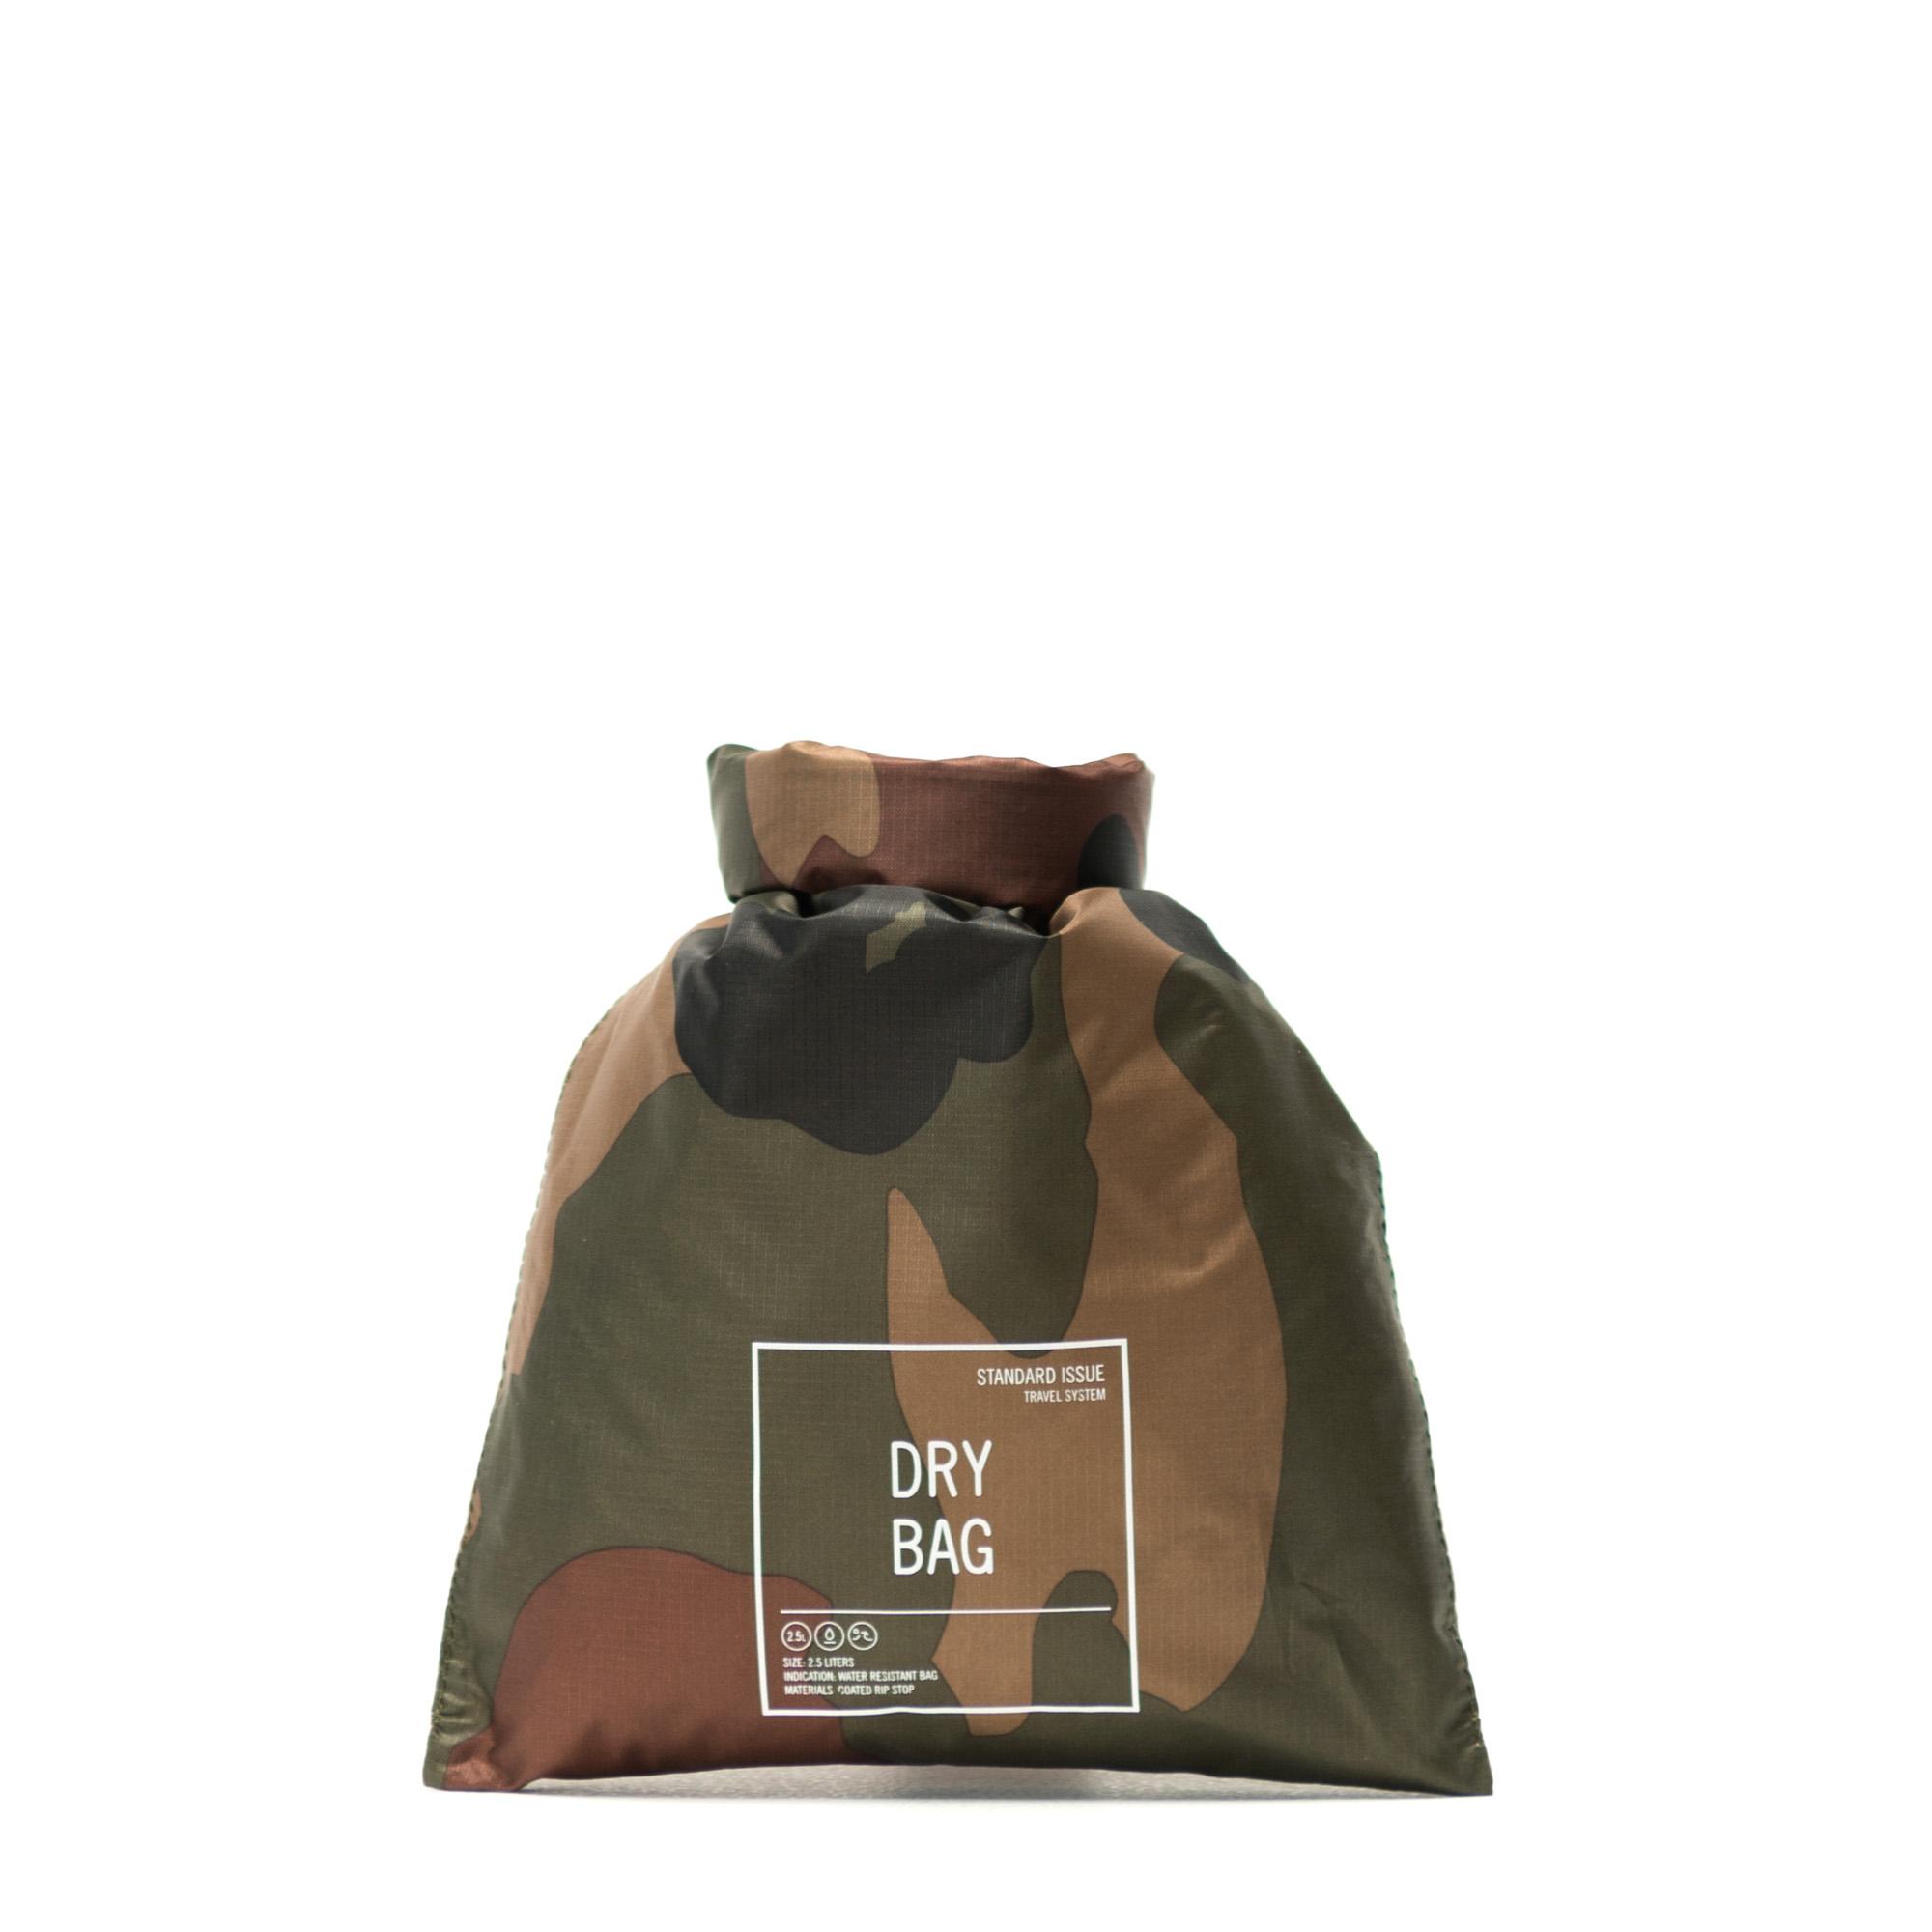 10b81f9a631 Dry Bag